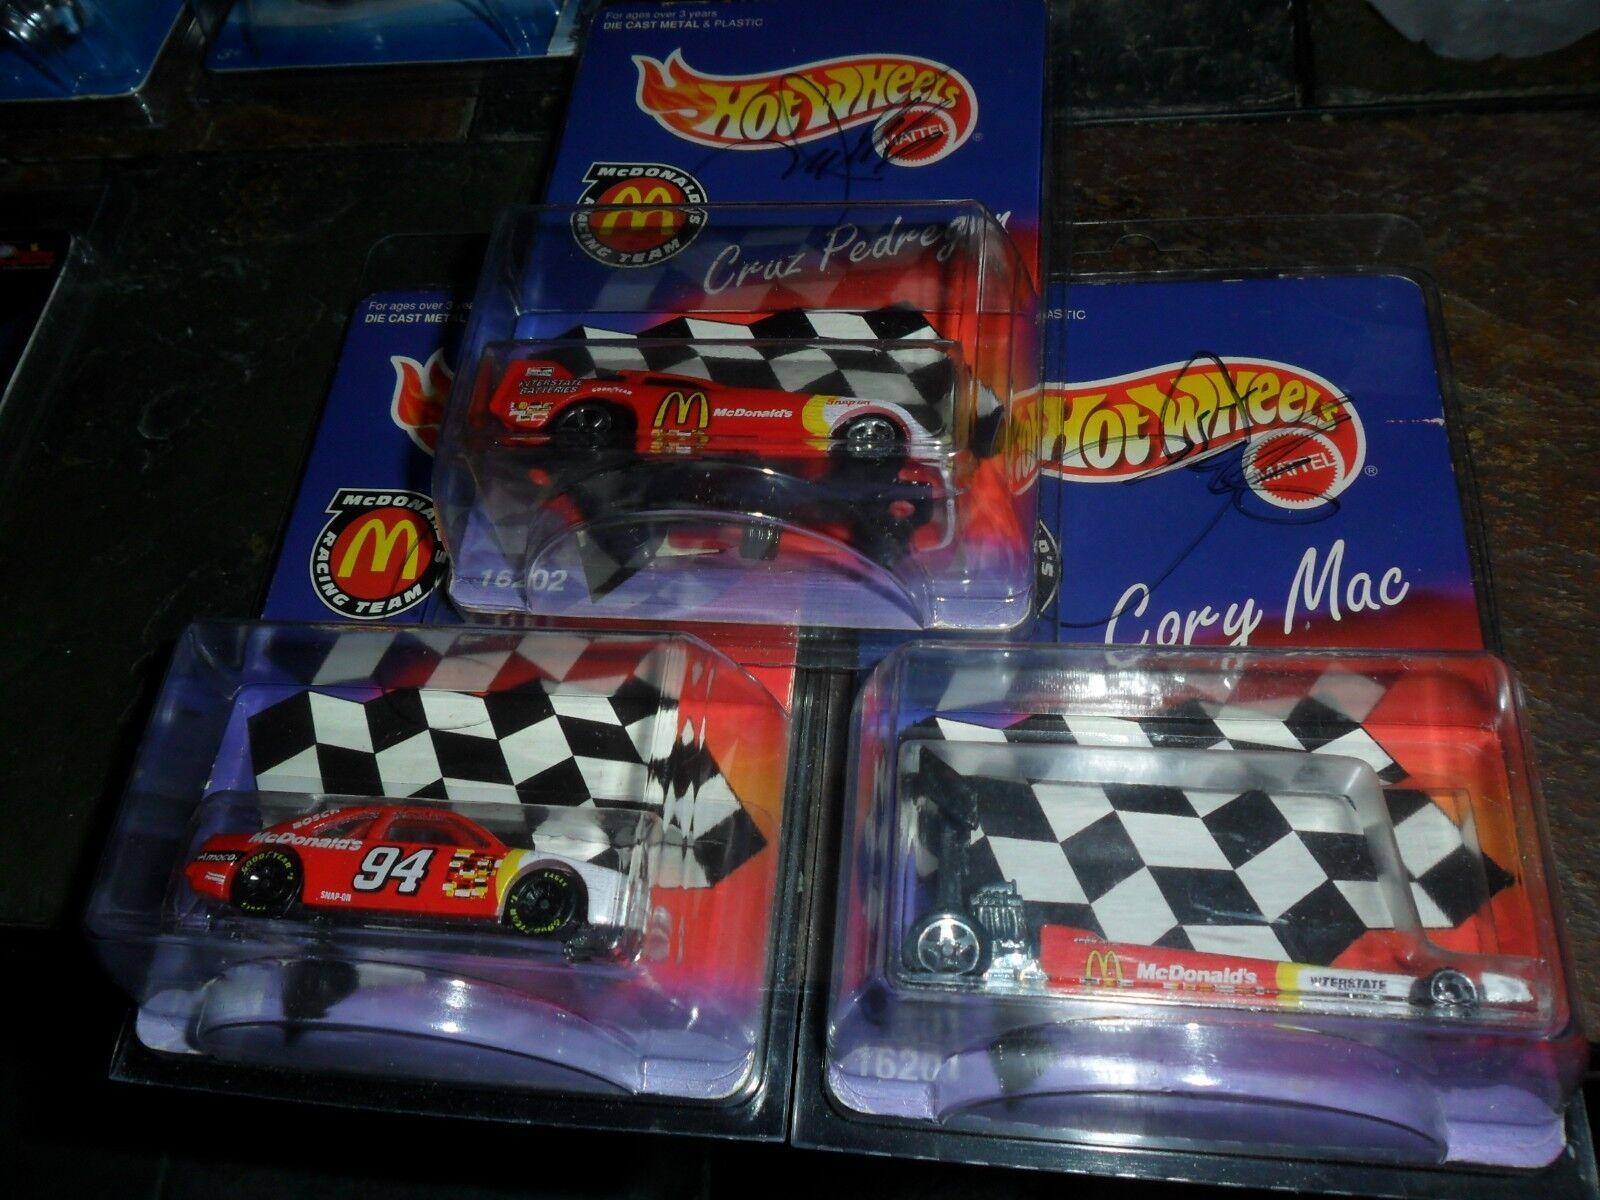 3 CAR LOT AUTOGRAPHED HOT WHEELS CORY MAC BILL ELLIOTT CRUZ PEDREGON MCDONALDS